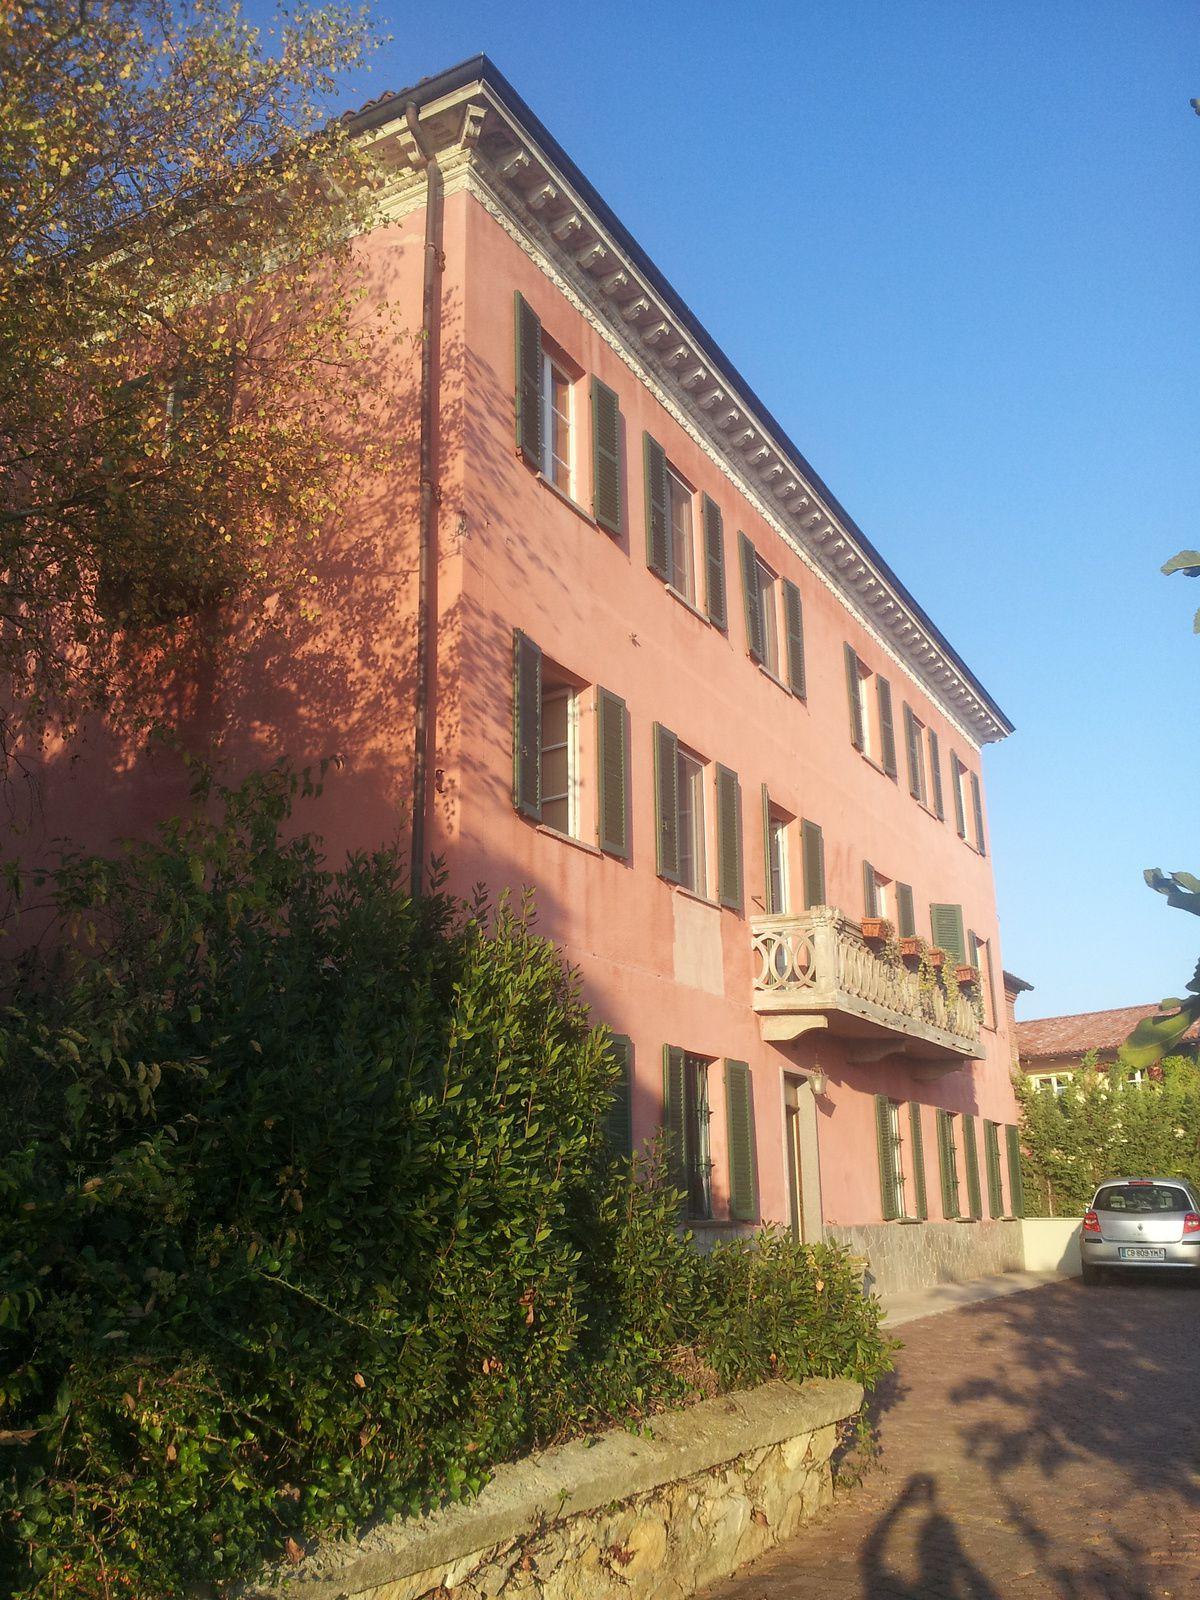 Une jolie demeure  pour une semaine 12 pièces + de 200 m² sans les dépendances ....